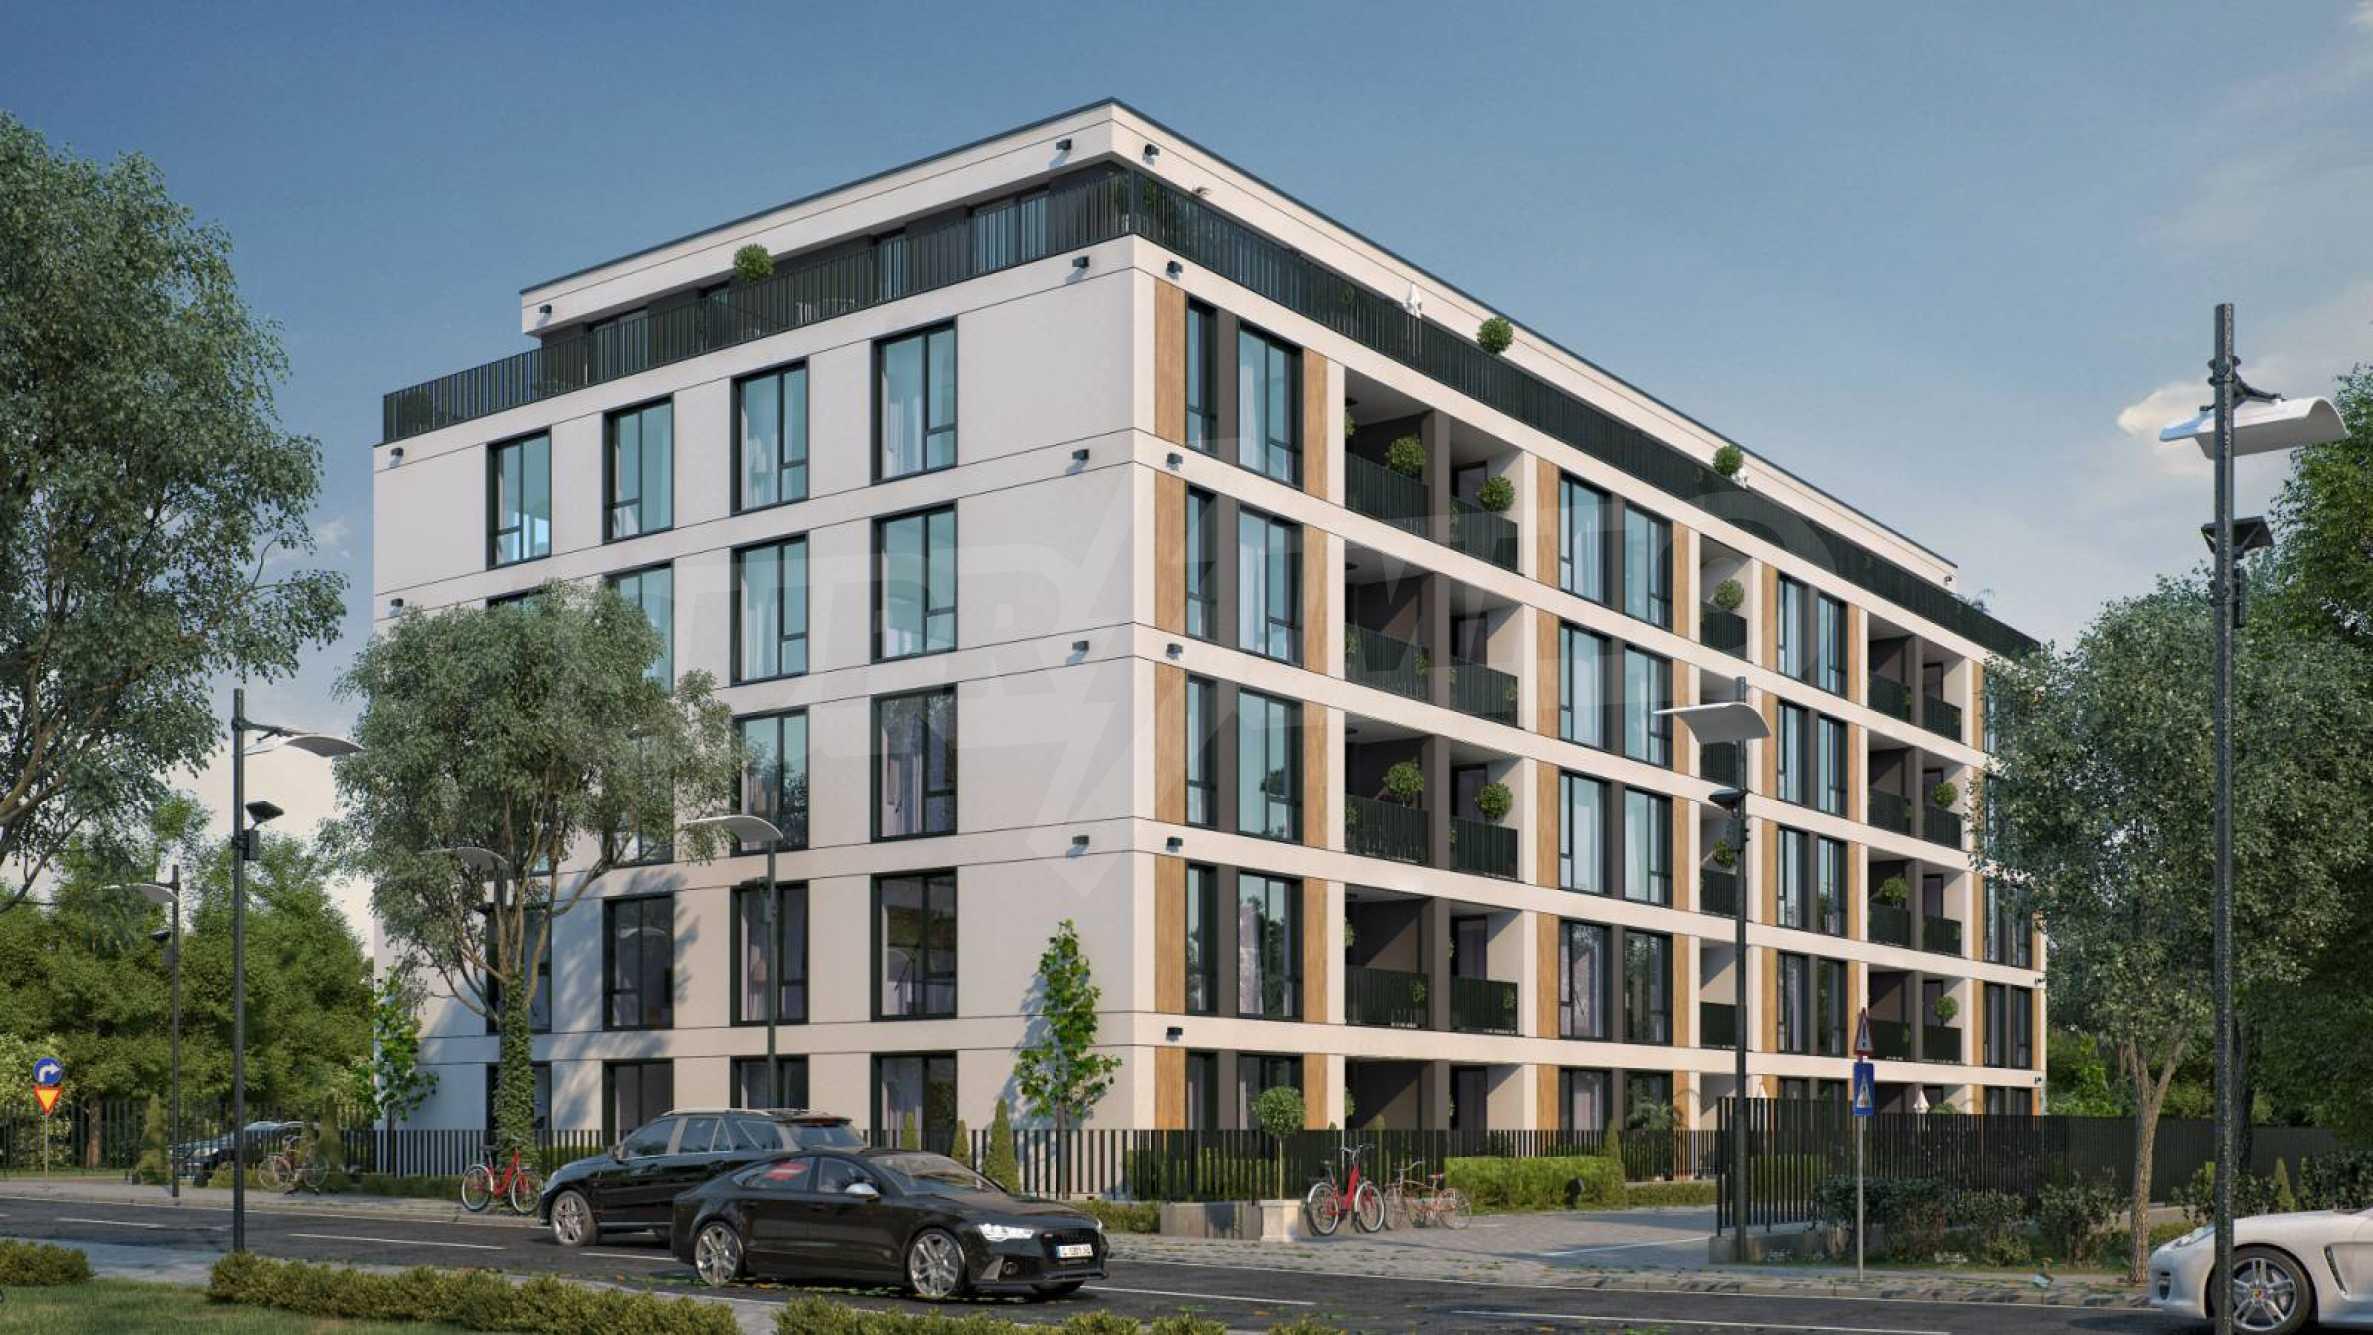 Neue Wohnungen zu günstigen Preisen in einem Neubau Comfort Residence in Sofia